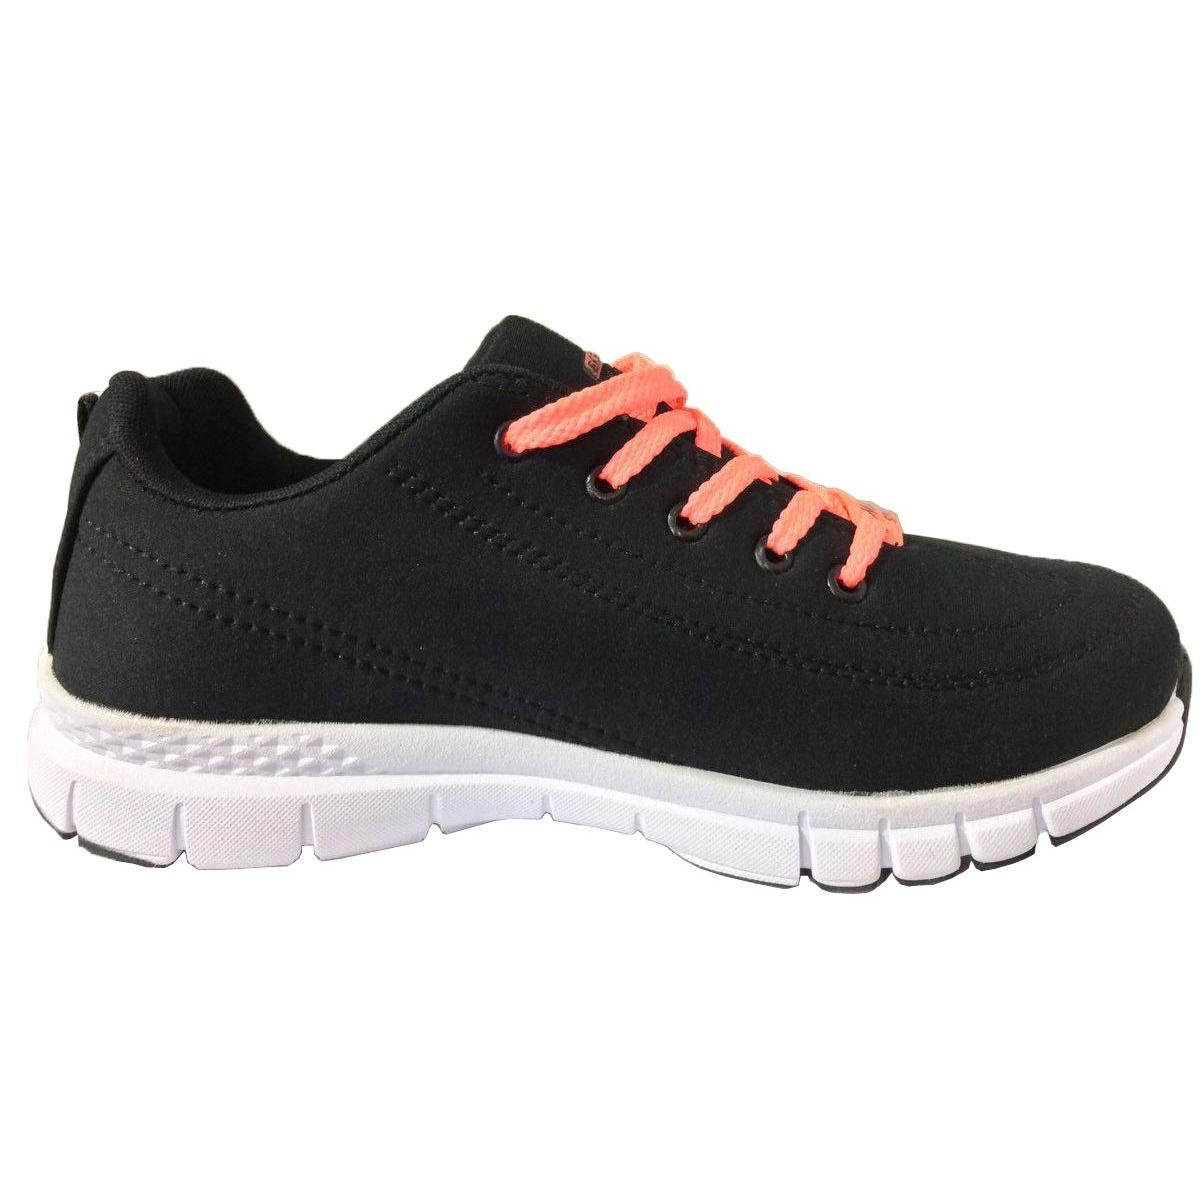 کفش ورزشی زنانه مخصوص پیاده روی مدل lux-b  رنگ مشکی